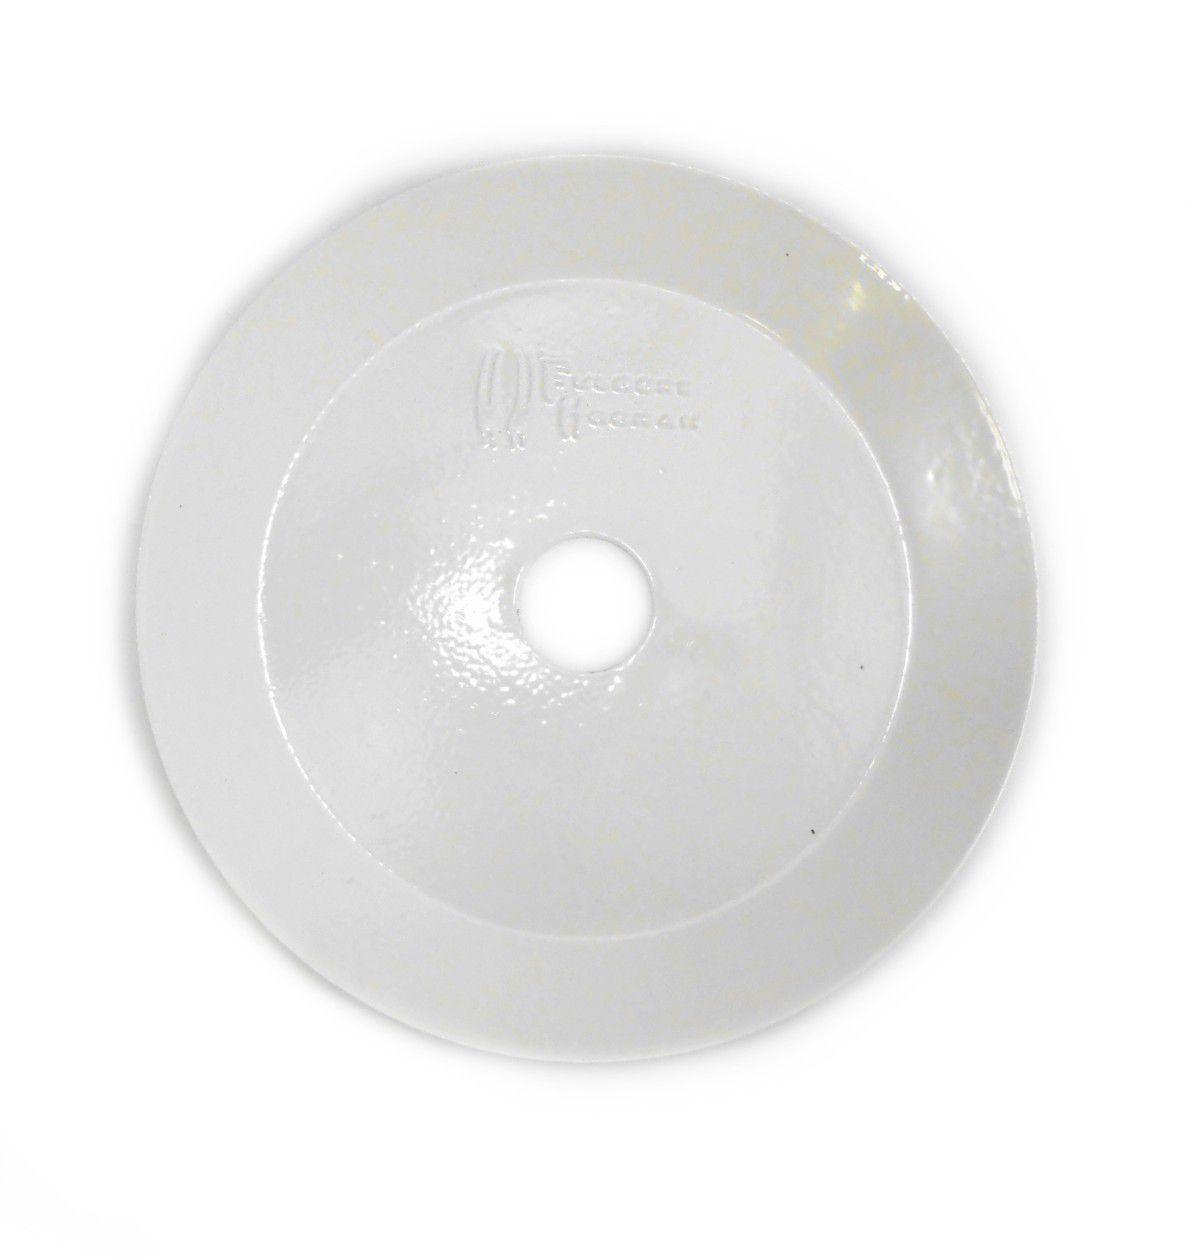 Prato para Narguile marca Fulgore em metal pintado. 15cm de diâmetro, 2,5cm de furo.